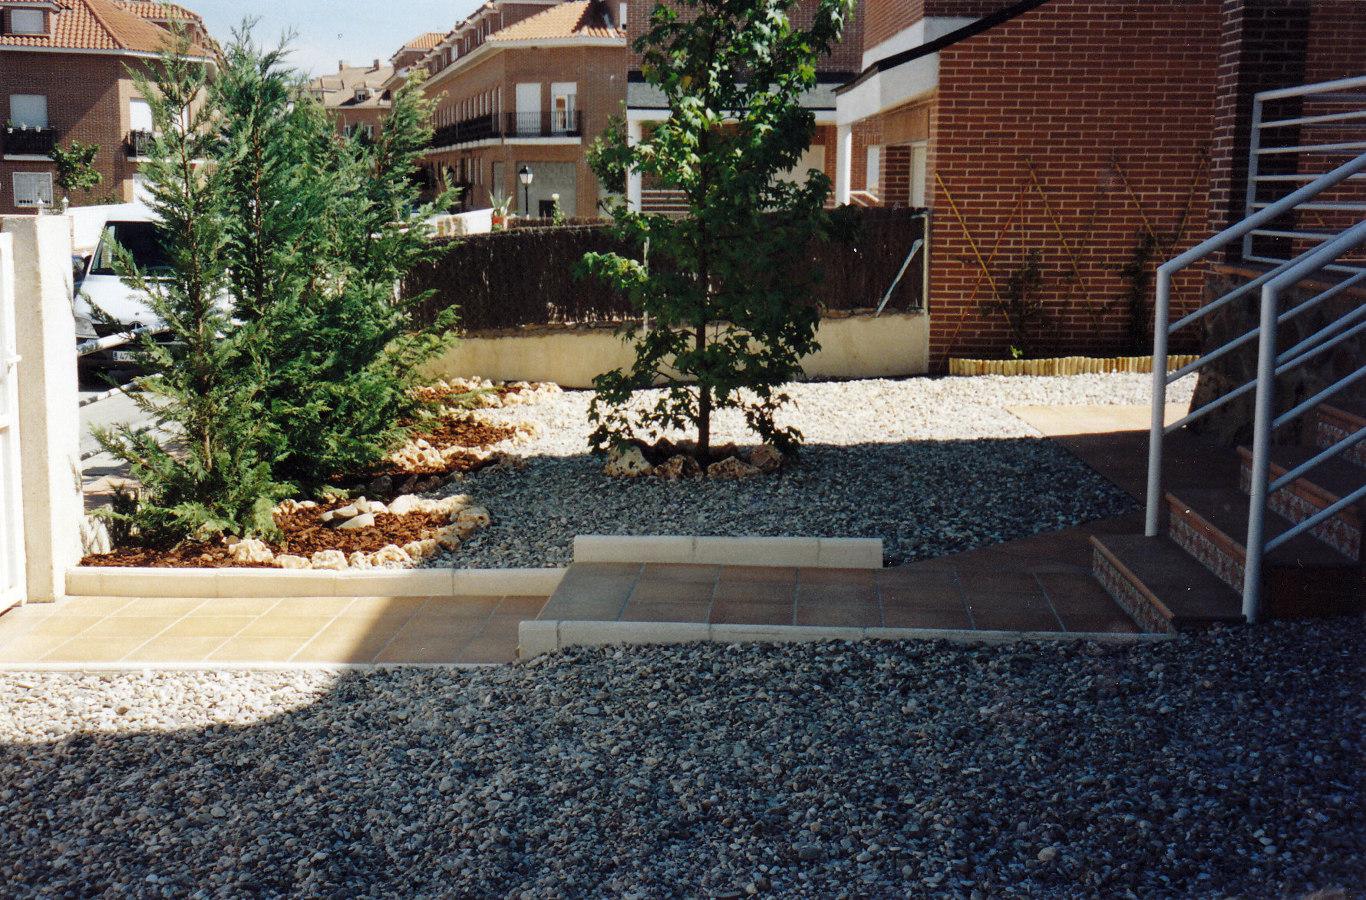 Foto piscina y jardin sevilla la nuena de jardines paco s for Piscina avenida ciudad jardin sevilla